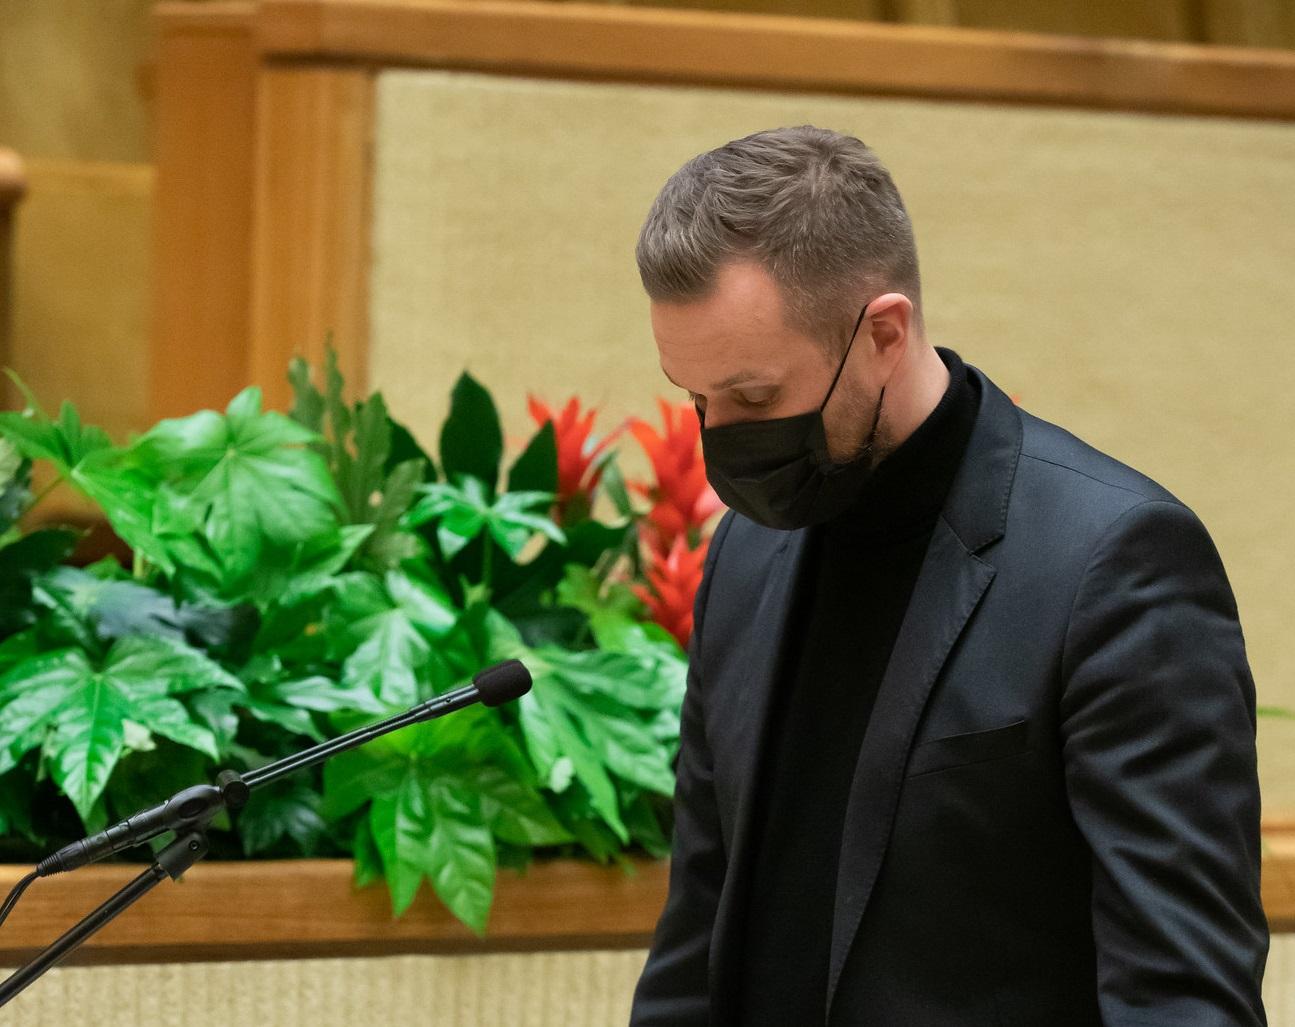 Politologai įvertino G. Landsbergio galimą darbą ministerijoje: flirtas su prezidentu prasidėjo jau anksčiau